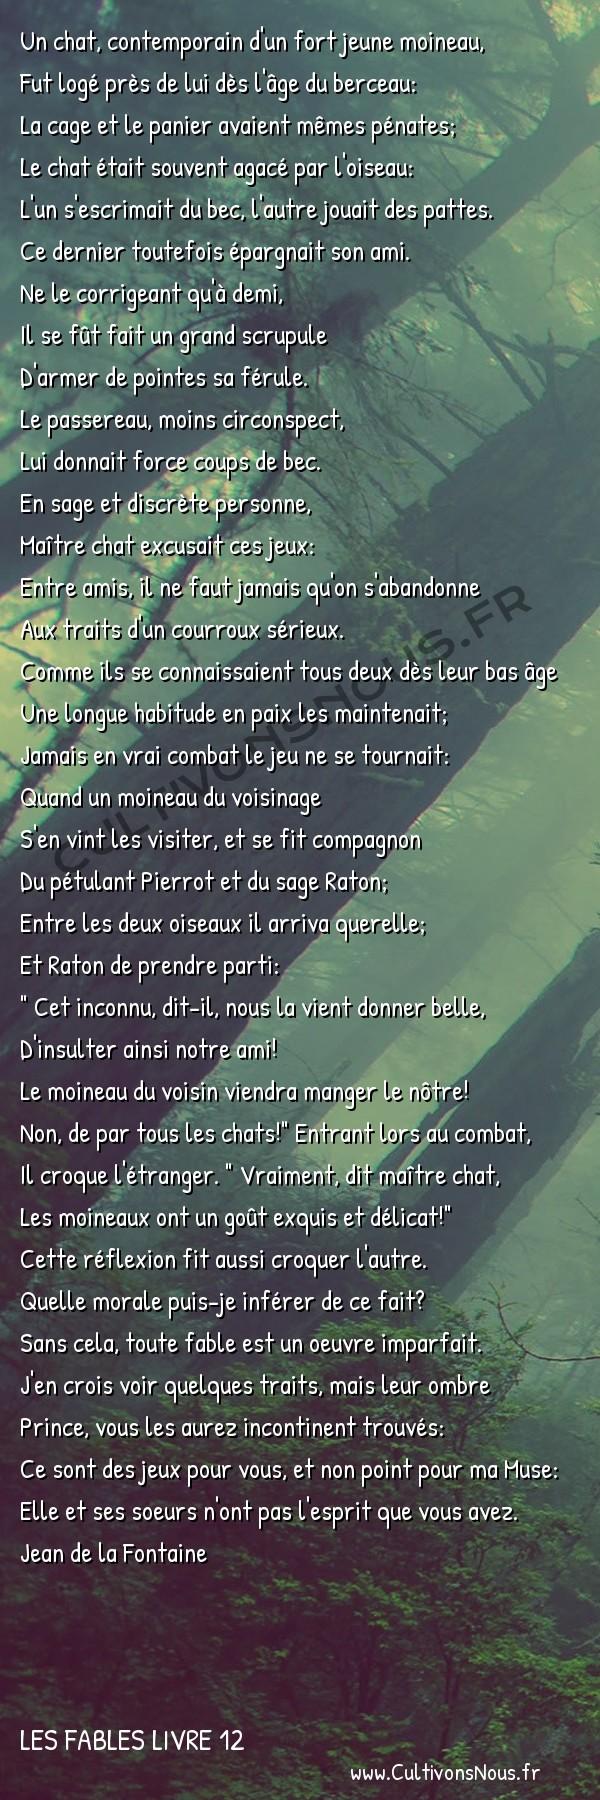 Fables Jean de la Fontaine - Les fables Livre 12 - Le chat et les deux moineaux -   Un chat, contemporain d'un fort jeune moineau, Fut logé près de lui dès l'âge du berceau: